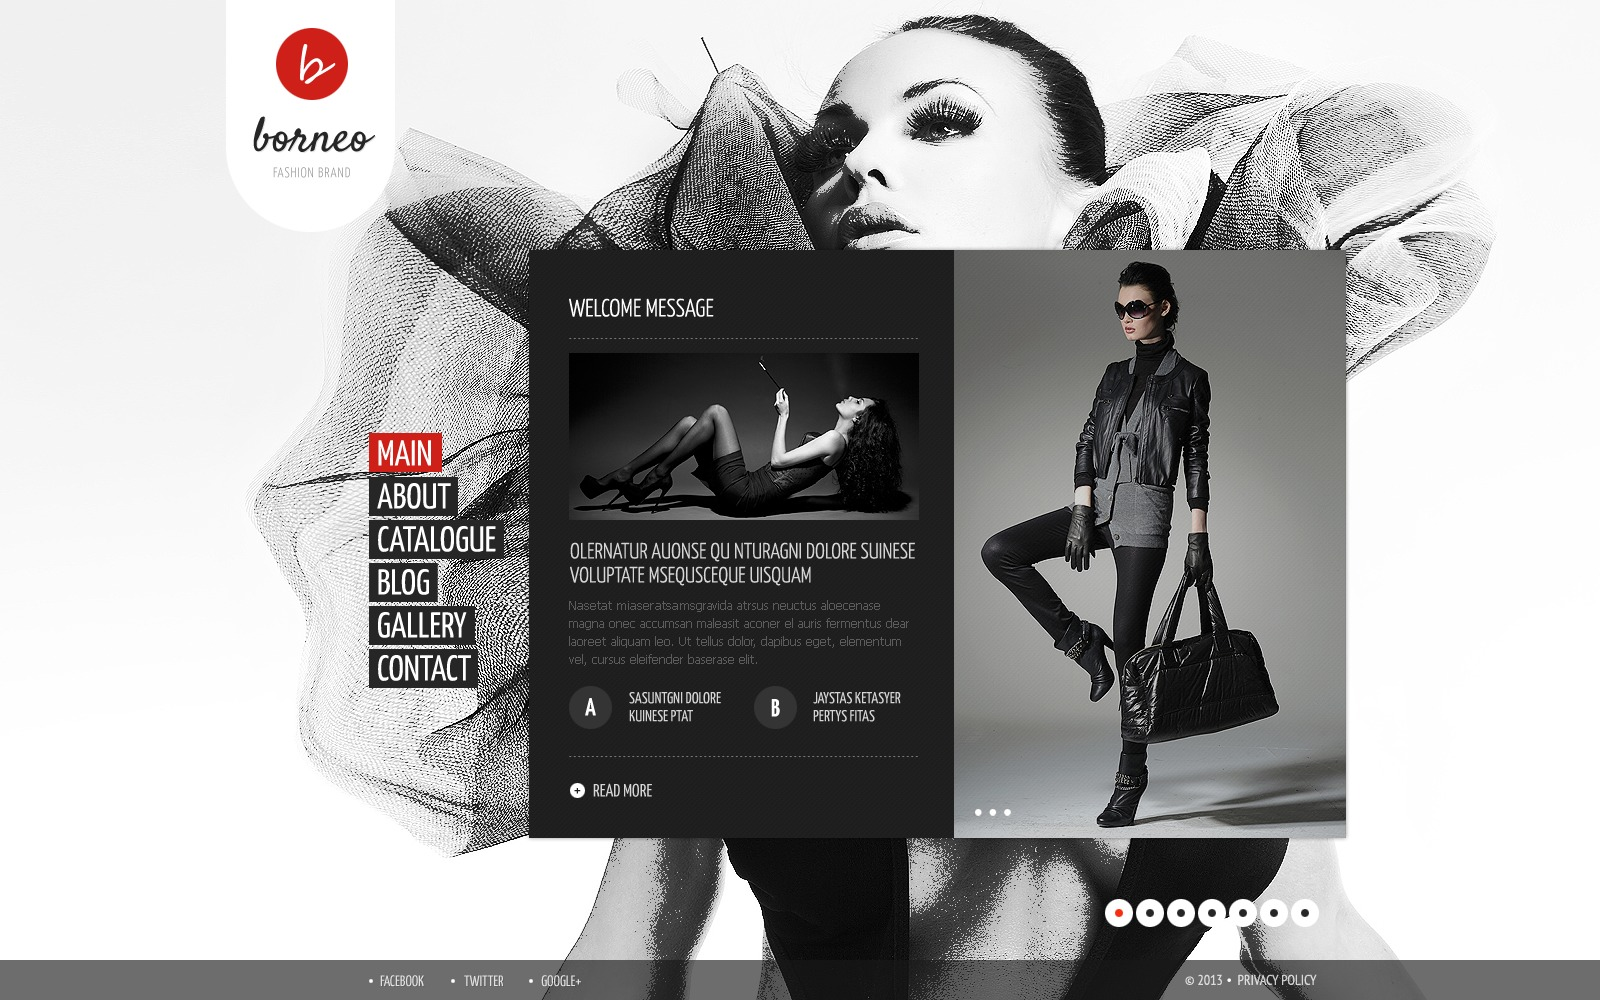 Modèle Web pour site de vêtements #43427 - screenshot